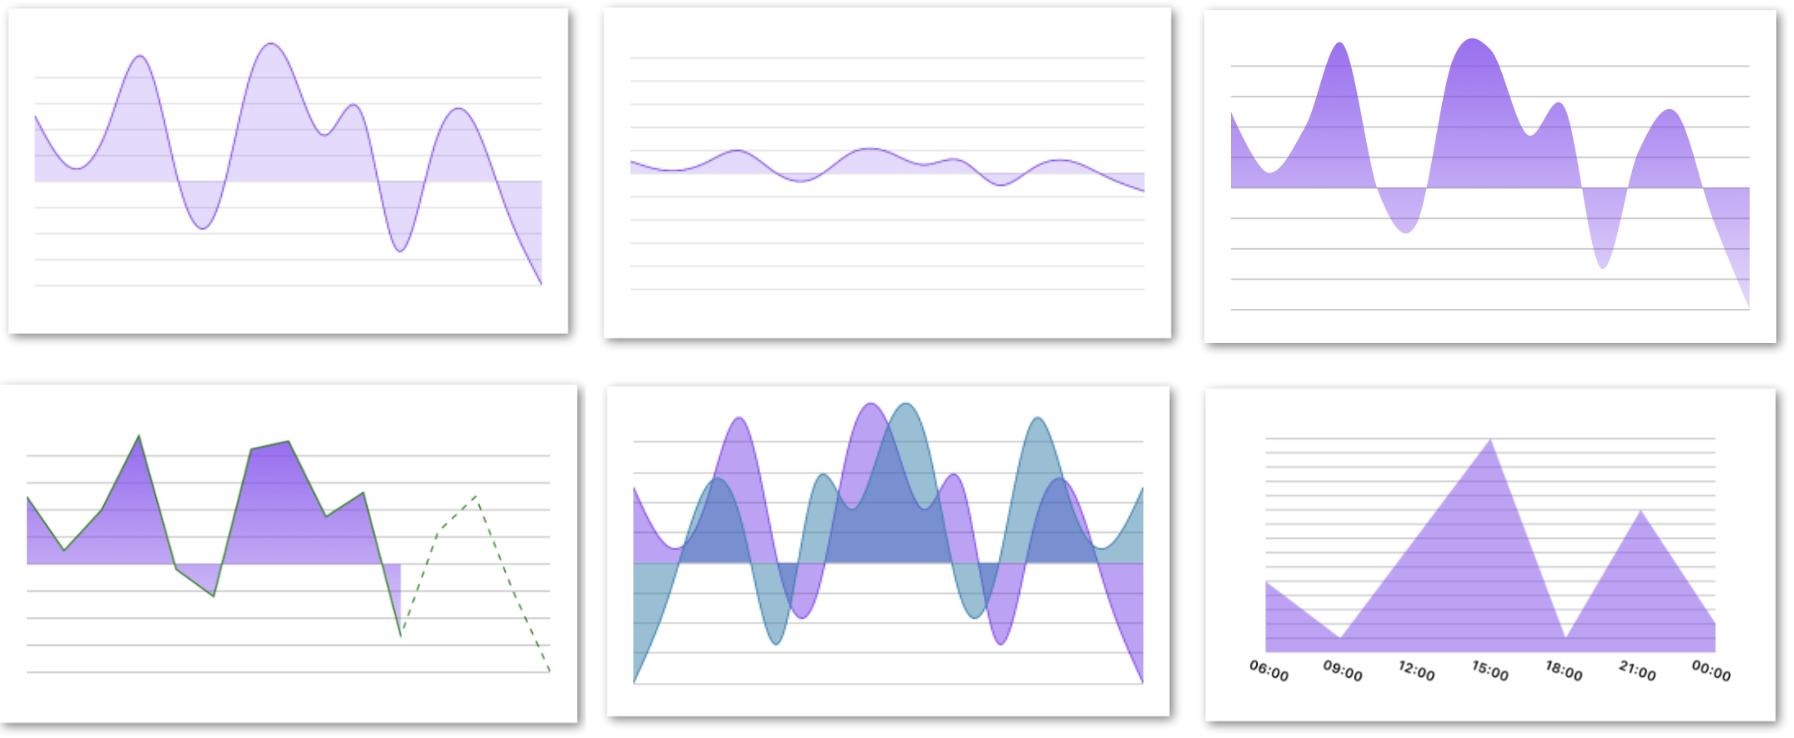 react native svg charts